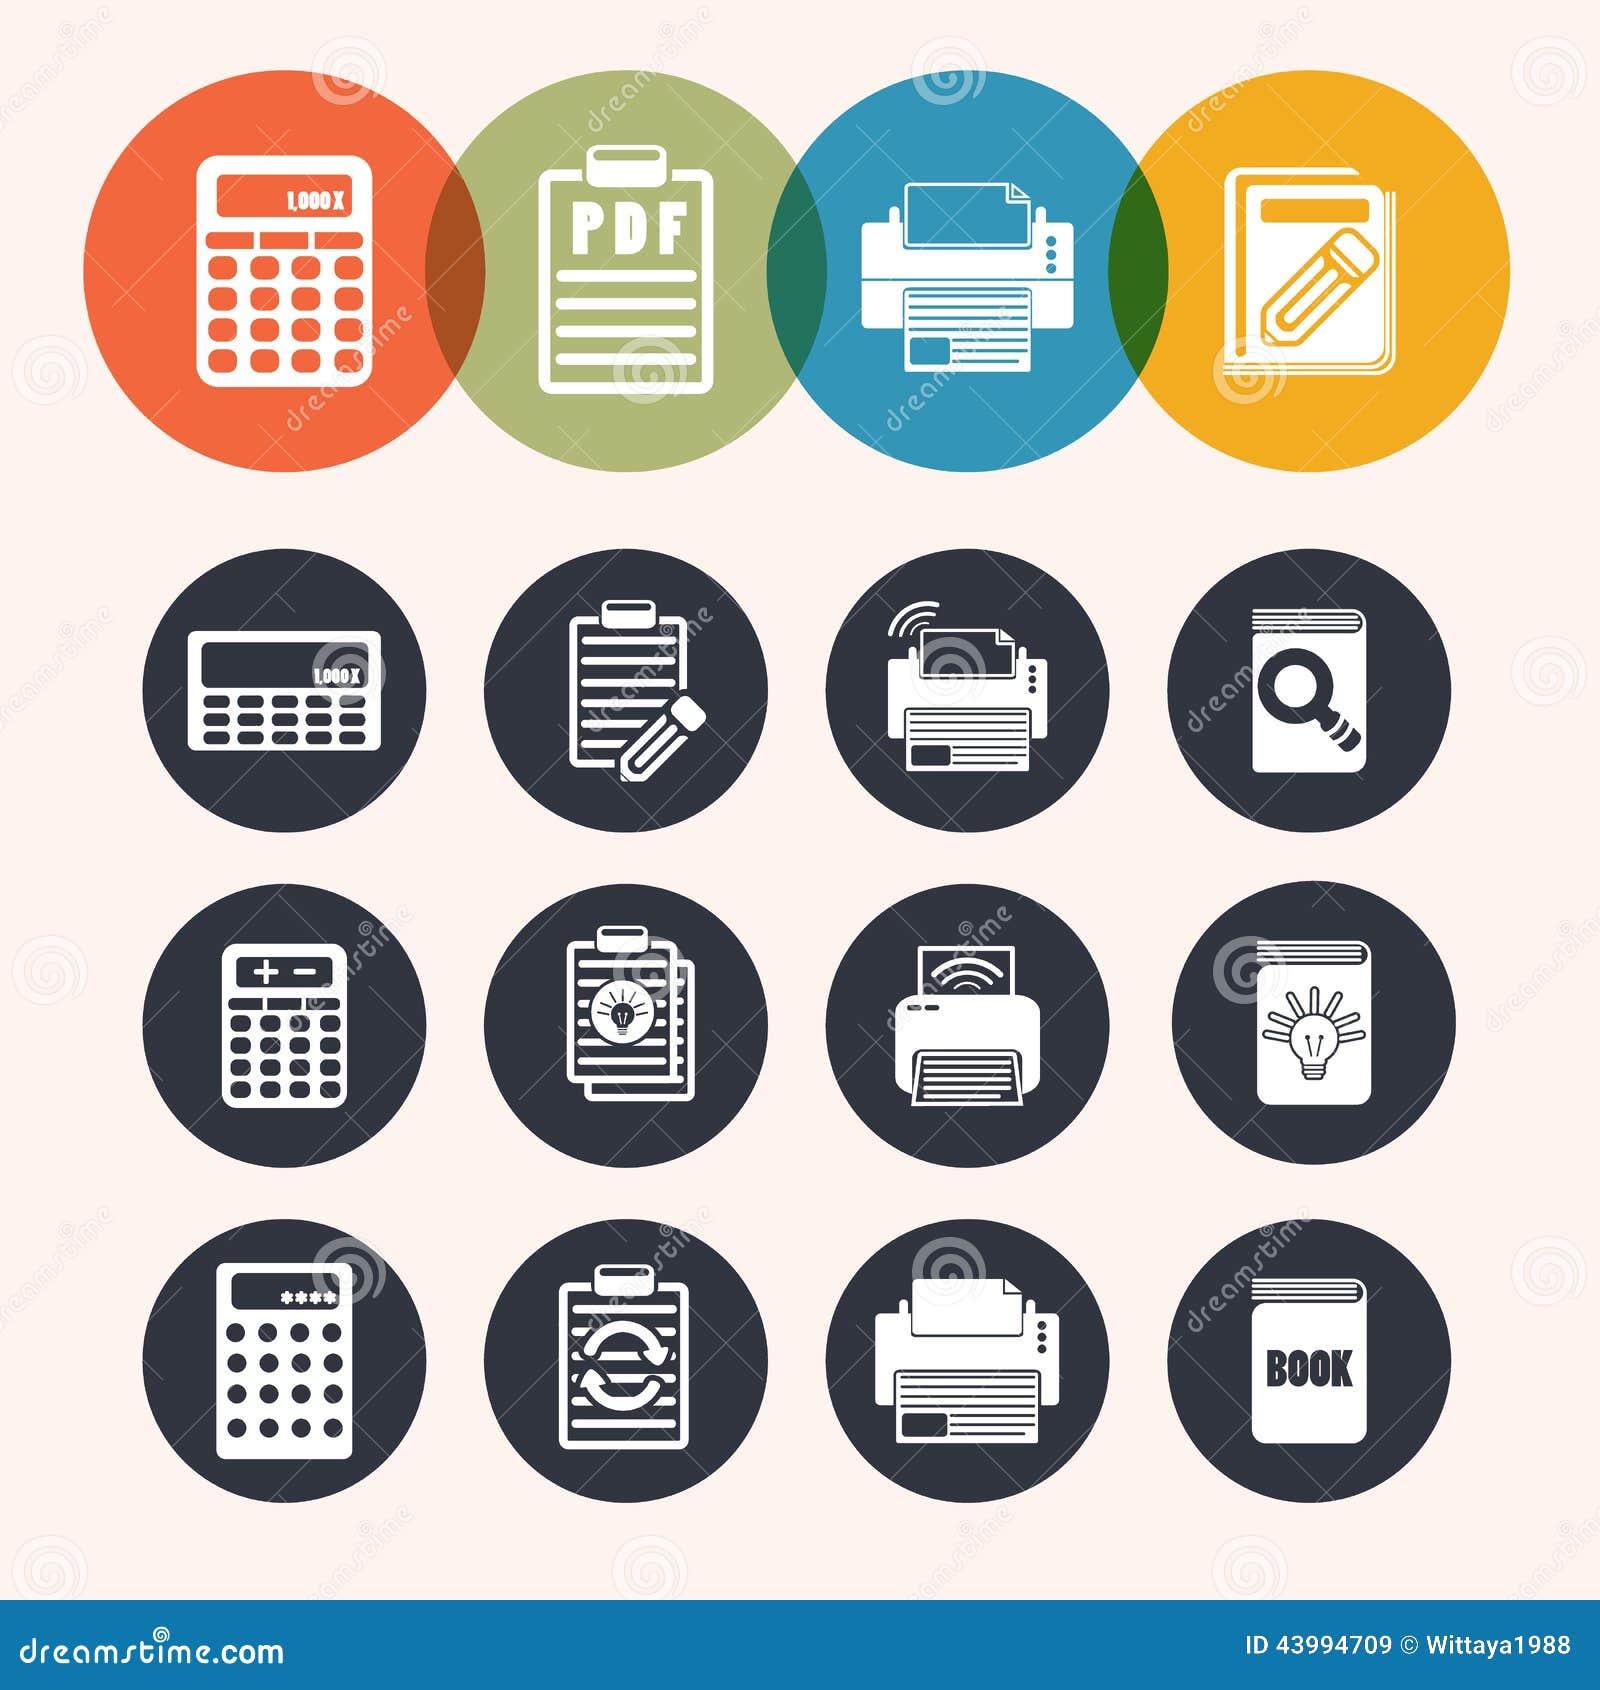 Iconos de la serie del círculo de la colección, calculadora, libreta, impresión, libro